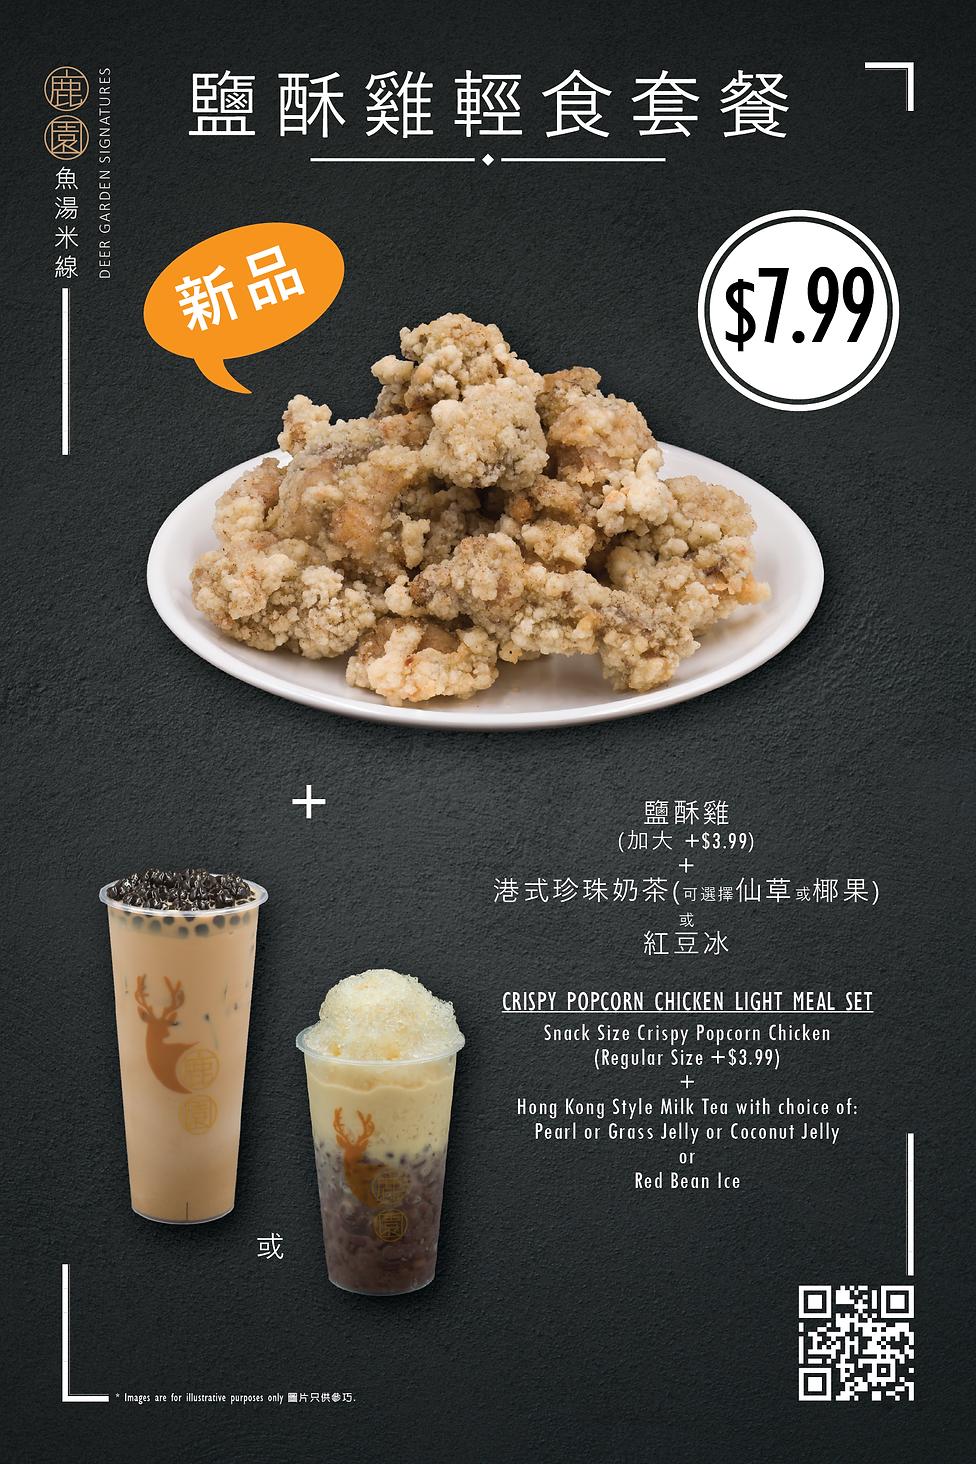 TDG Popcorn Chicken Light Meal Set 20210802.png